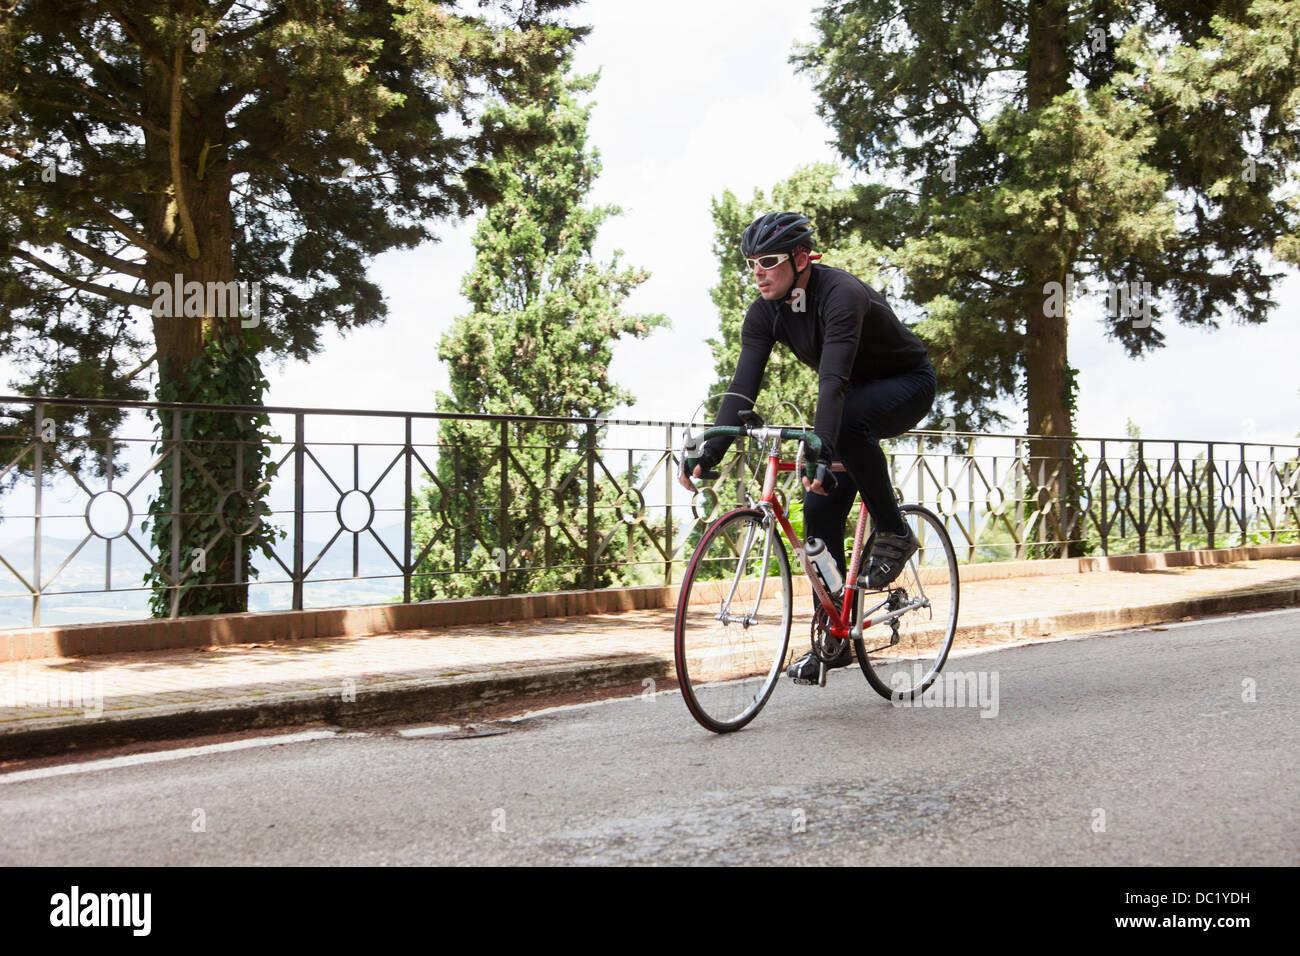 Ciclista riding down road in Umbria, Italia Immagini Stock